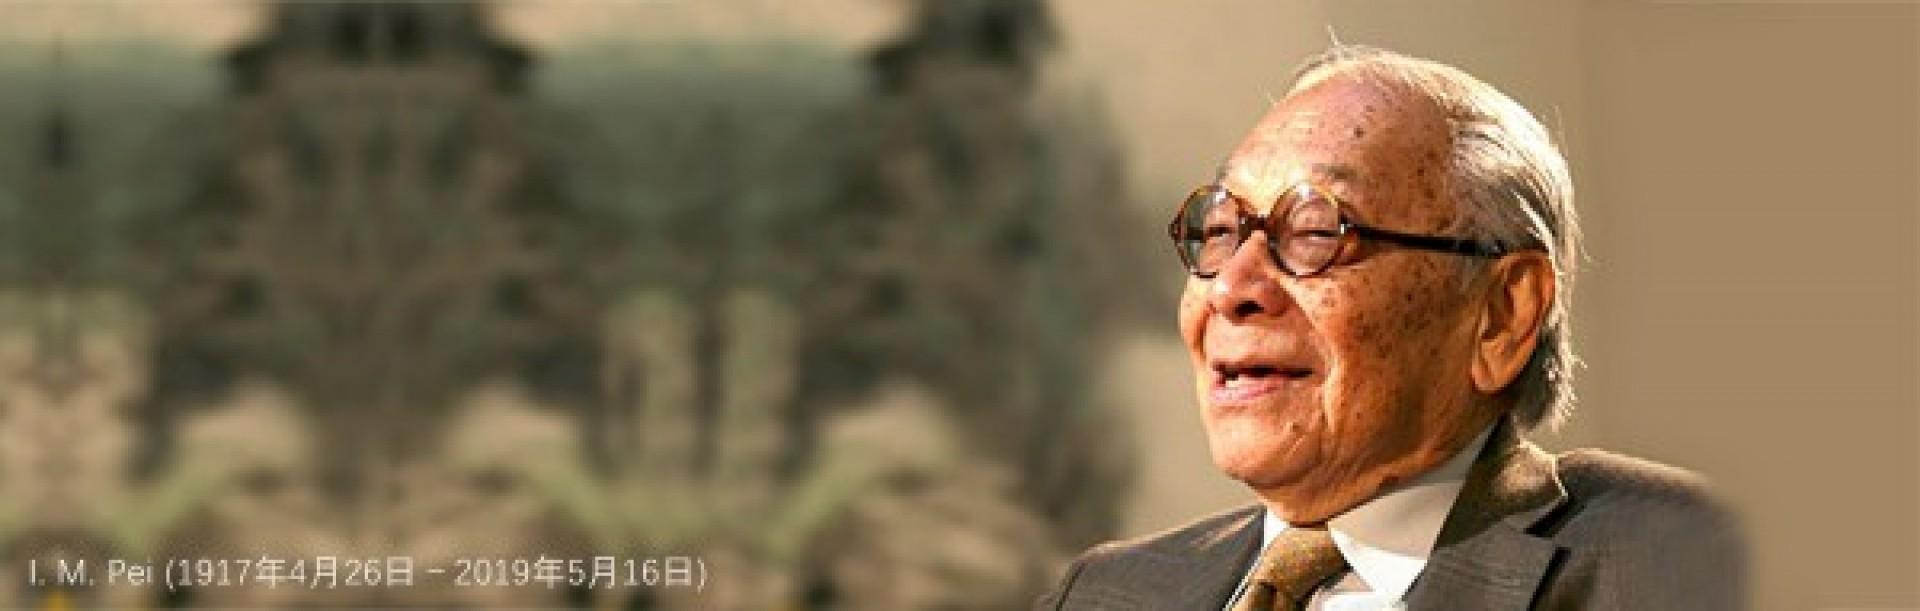 美籍华裔建筑大师贝聿铭逝世,享年102岁!